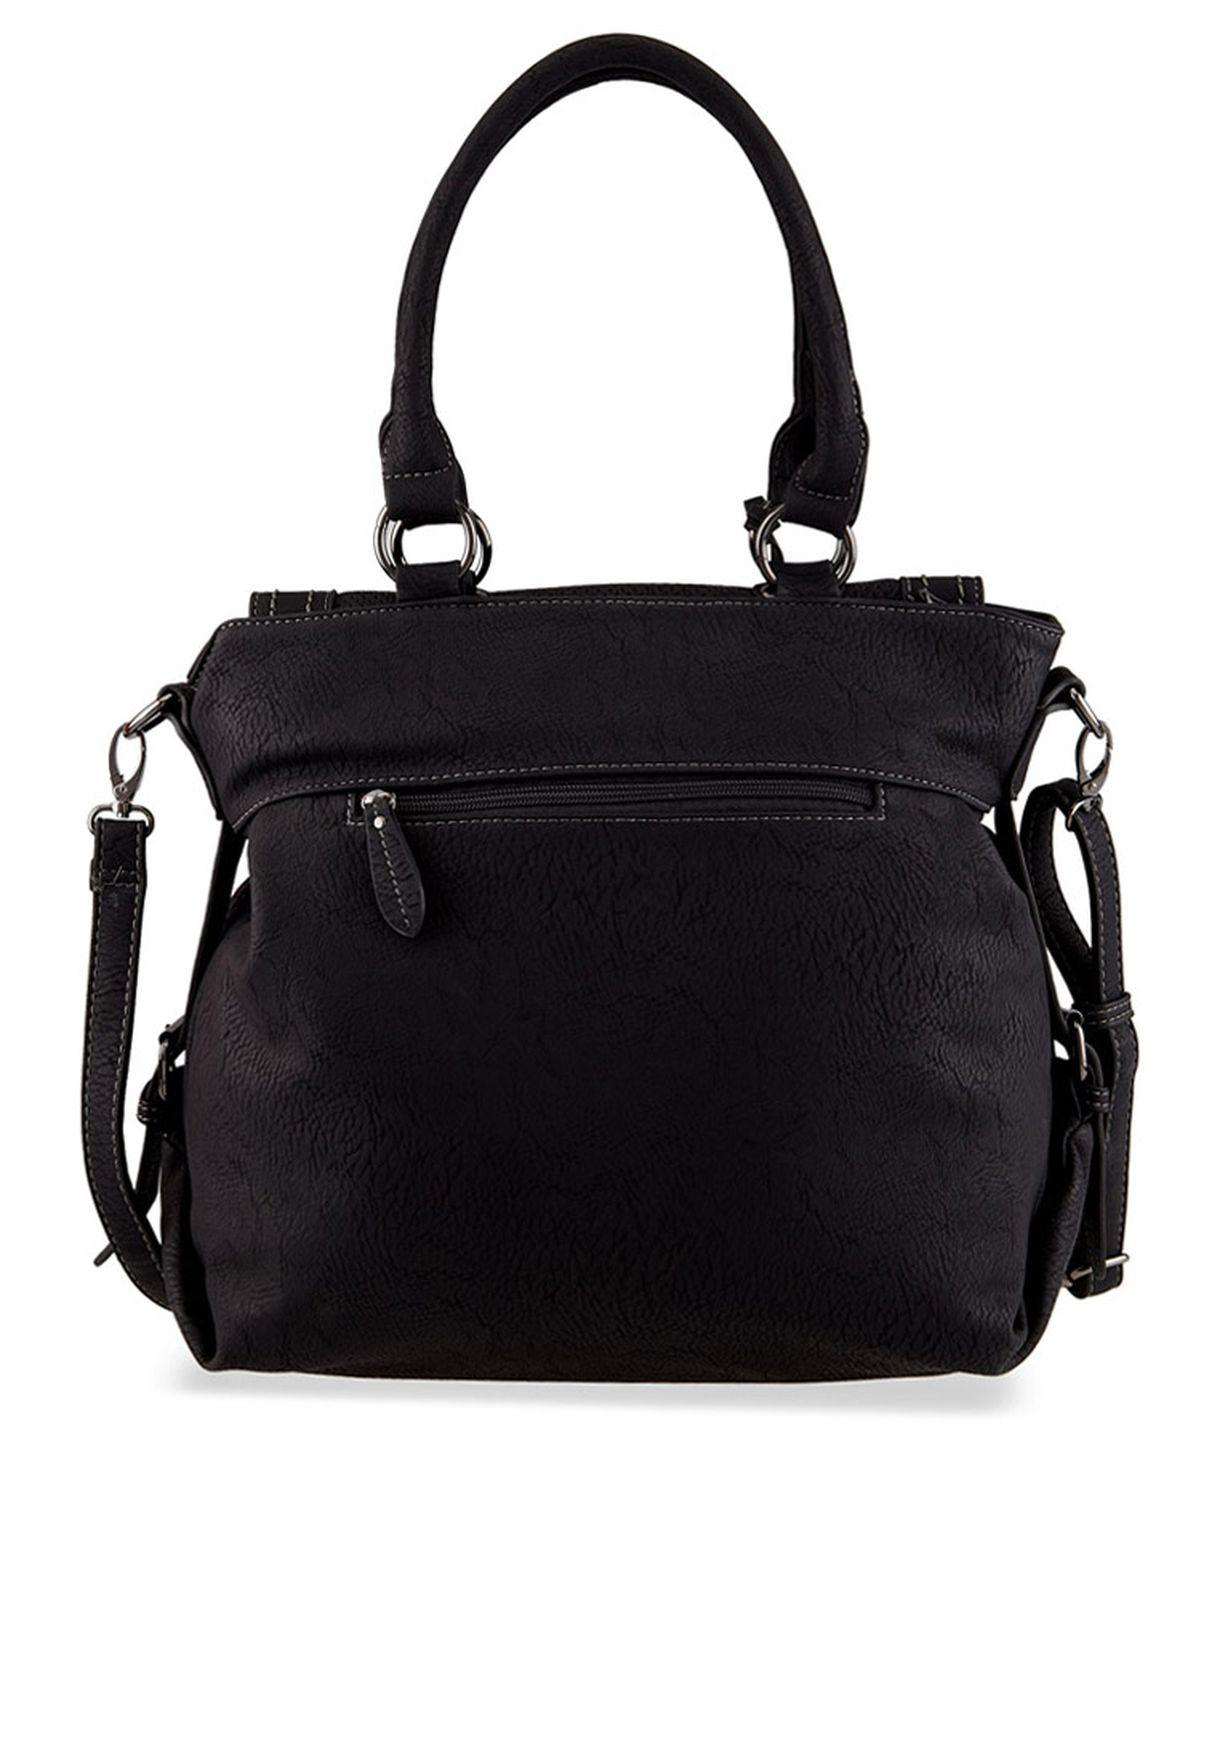 8d1ab549b4971 تسوق حقيبة ساتشل Verena ماركة جابور لون أسود في البحرين - GA300AC34YHH